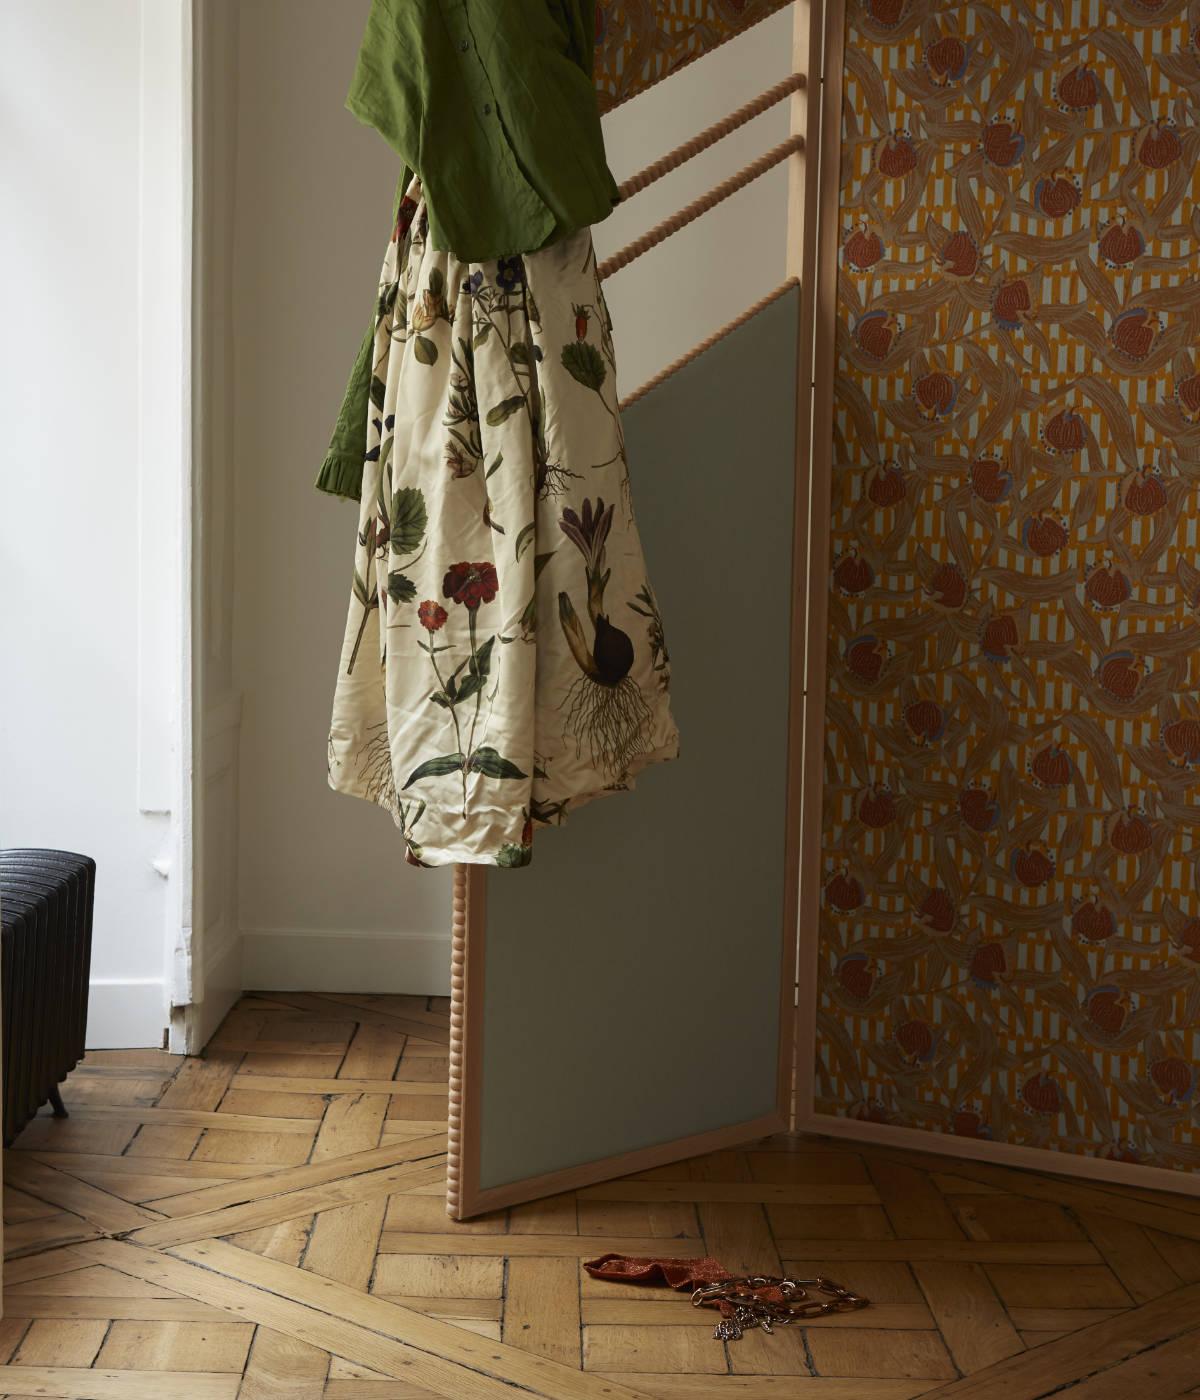 Paravent Ombrage - collection Interieur aux aubergines par Cristina Celestino pour Maison Matisse © Alice Cuvelier